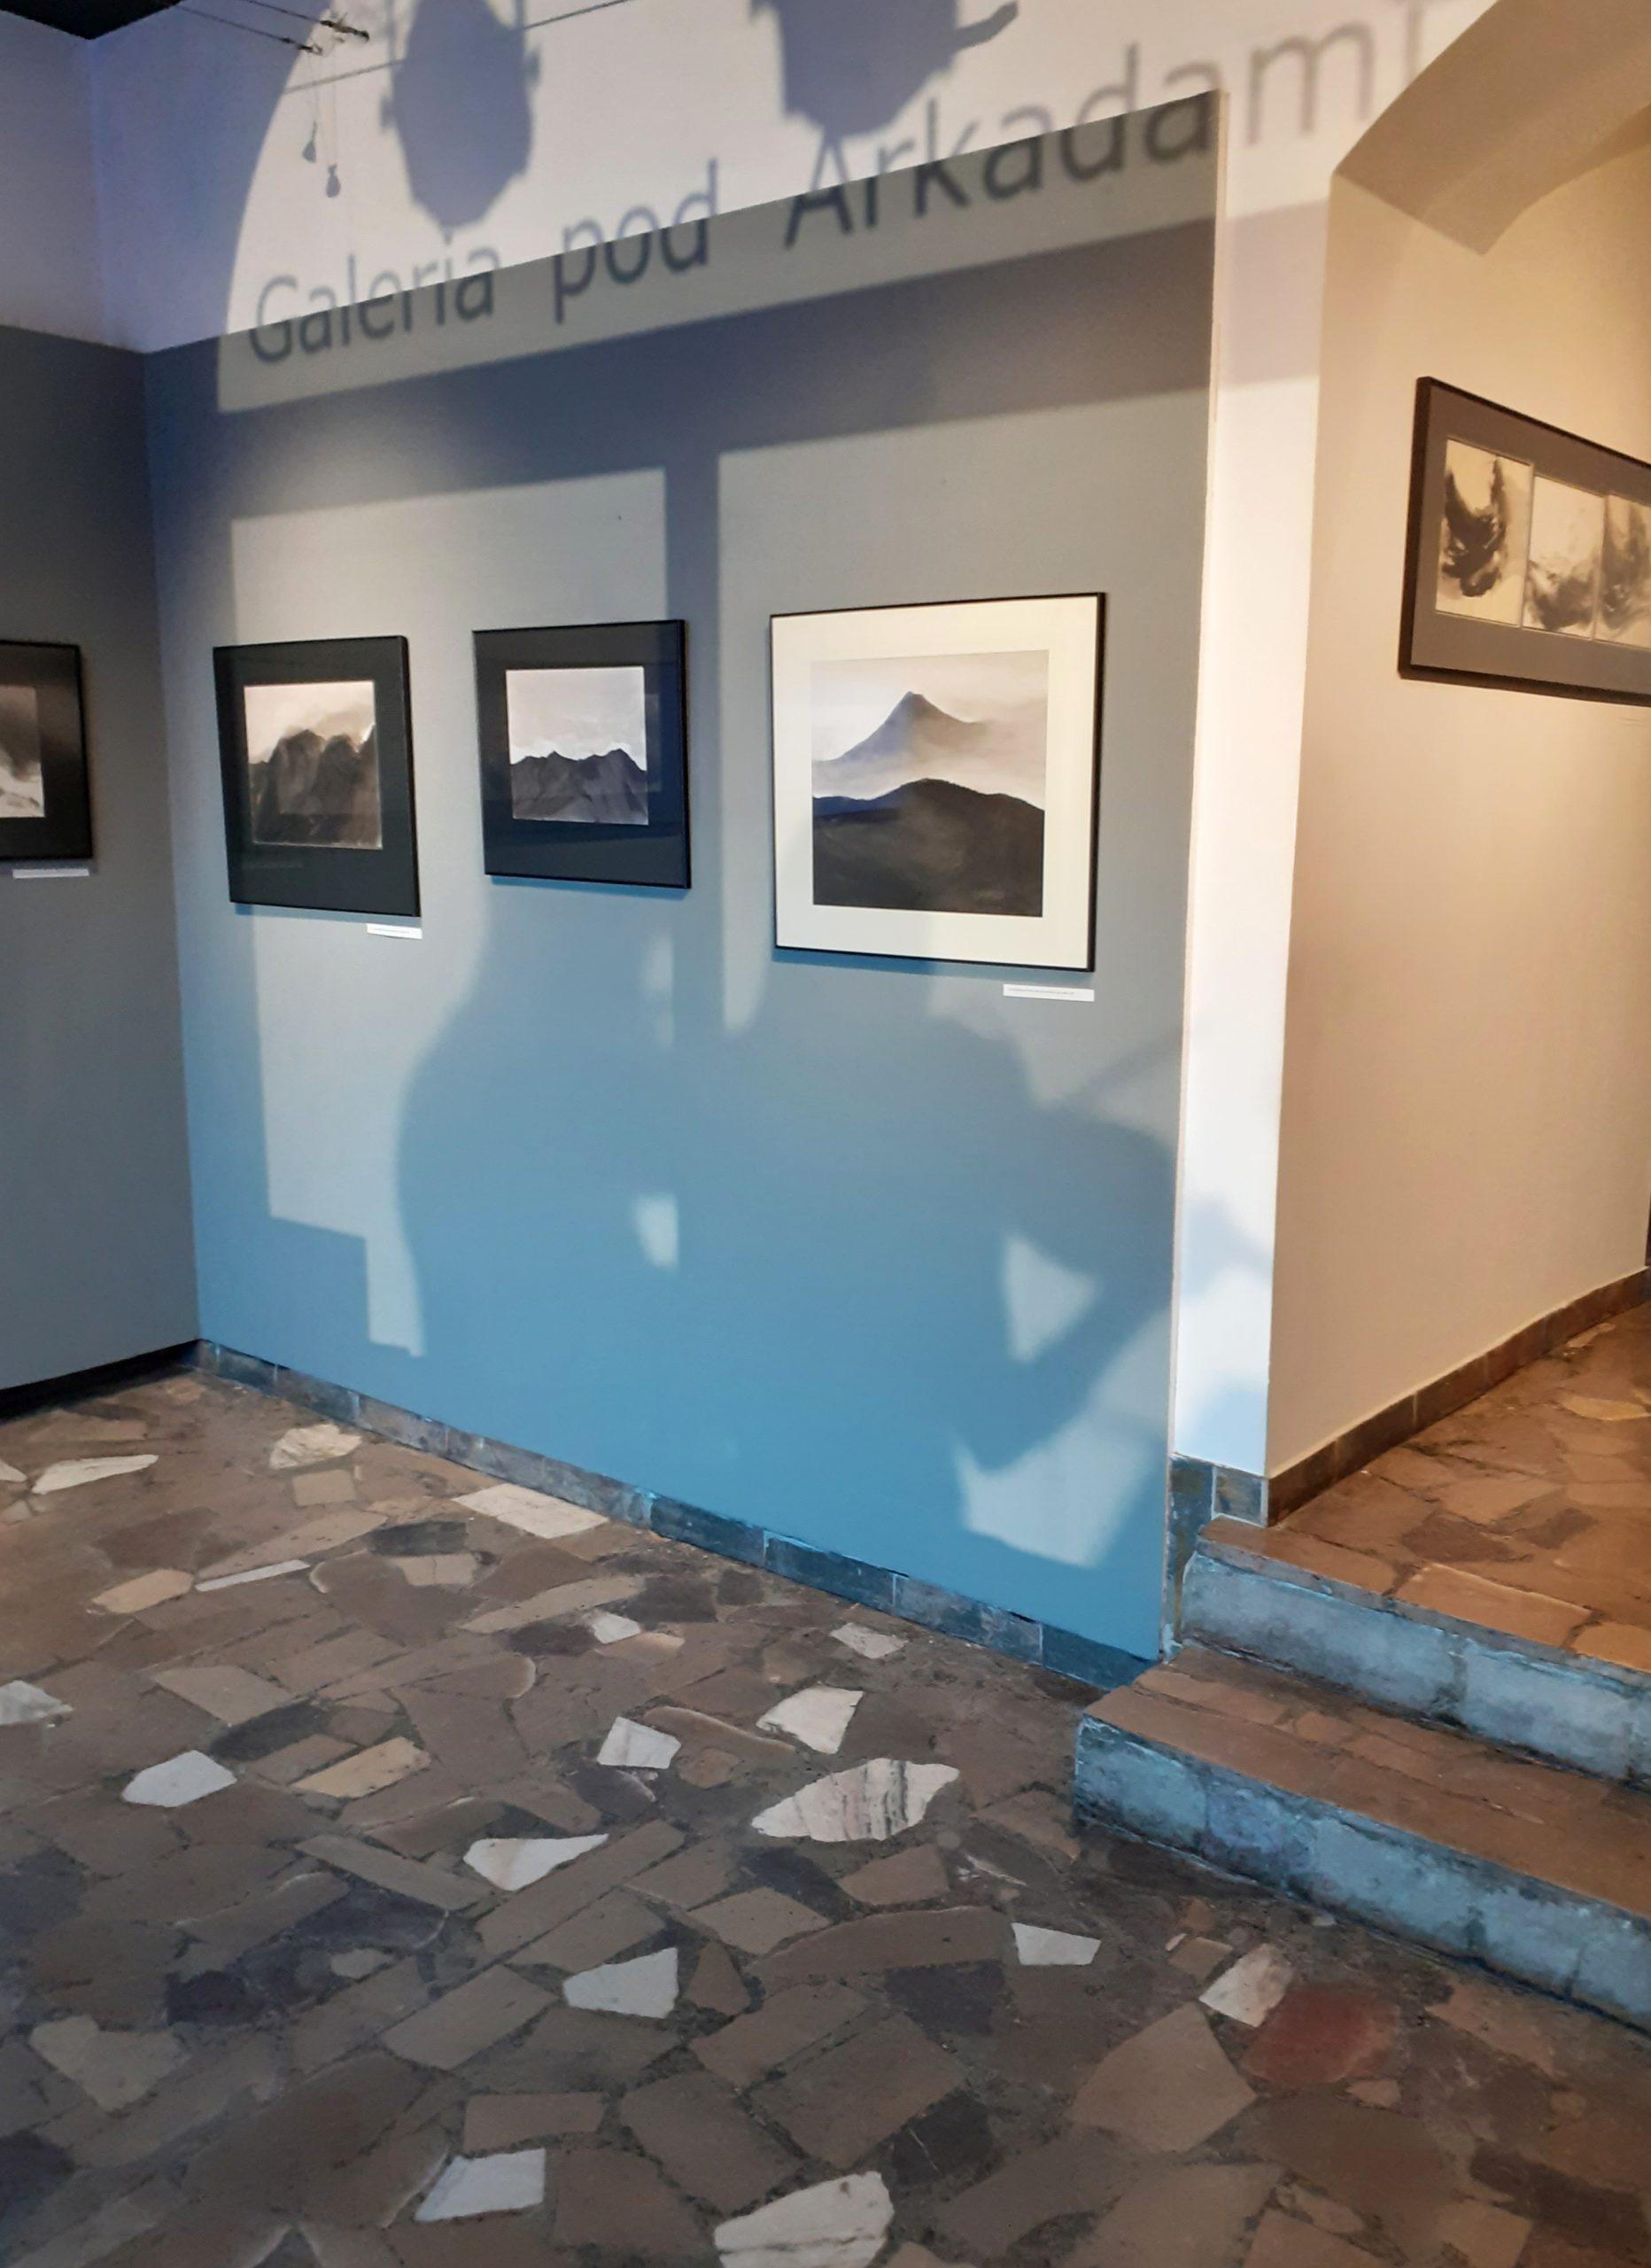 Exhibiton, Galeria pod Arkadami, Miejski Dom Kultury, Łomża, 2021